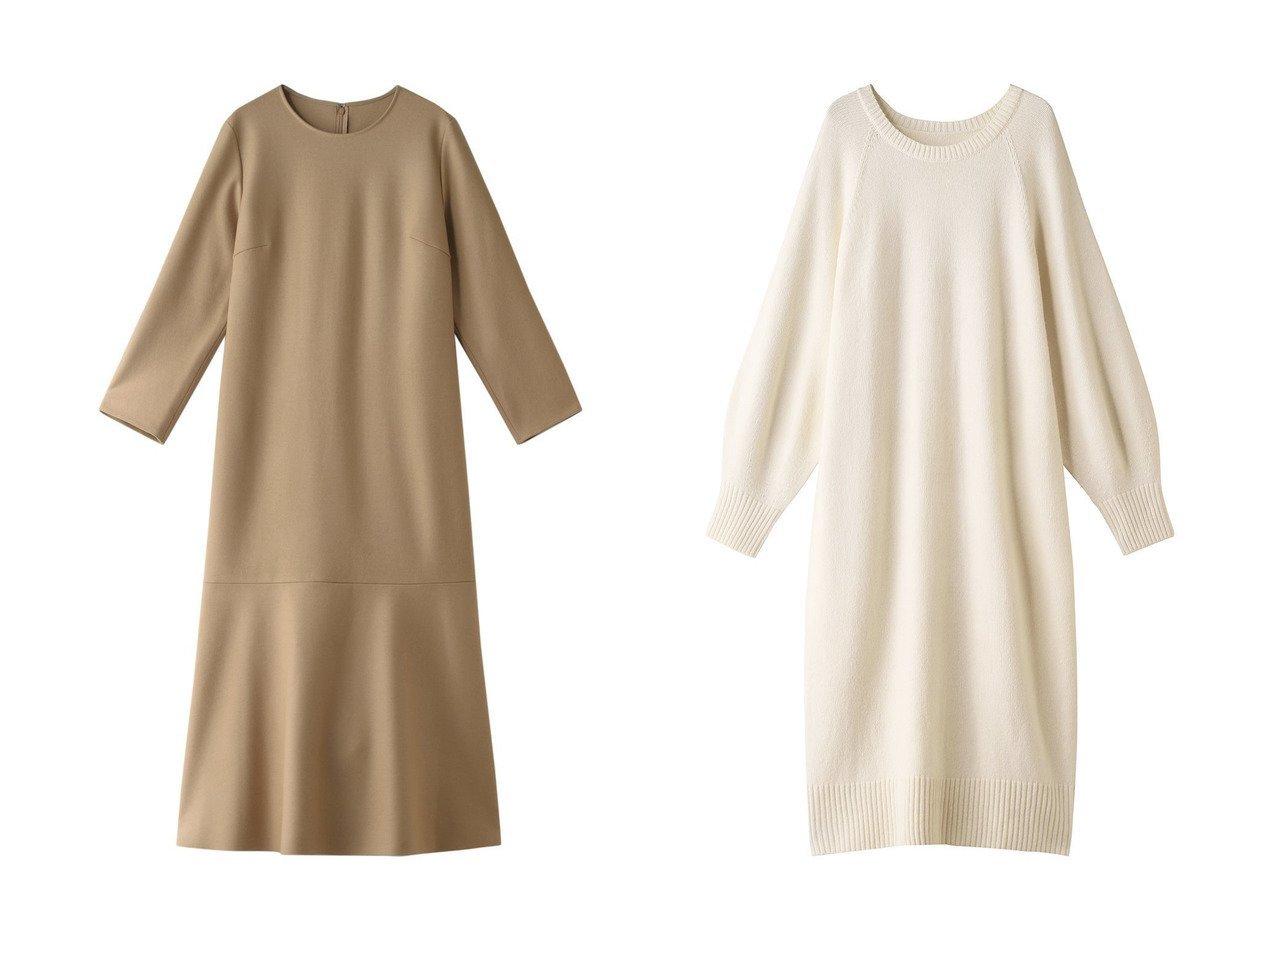 【PLAIN PEOPLE/プレインピープル】のホールガーメントニットワンピース&スーパー140sヘビーメルトンワンピース ワンピース・ドレスのおすすめ!人気、レディースファッションの通販  おすすめで人気のファッション通販商品 インテリア・家具・キッズファッション・メンズファッション・レディースファッション・服の通販 founy(ファニー) https://founy.com/ ファッション Fashion レディース WOMEN ワンピース Dress ニットワンピース Knit Dresses なめらか シンプル フェミニン メルトン ロング 今季 ホールガーメント リラックス  ID:crp329100000000709